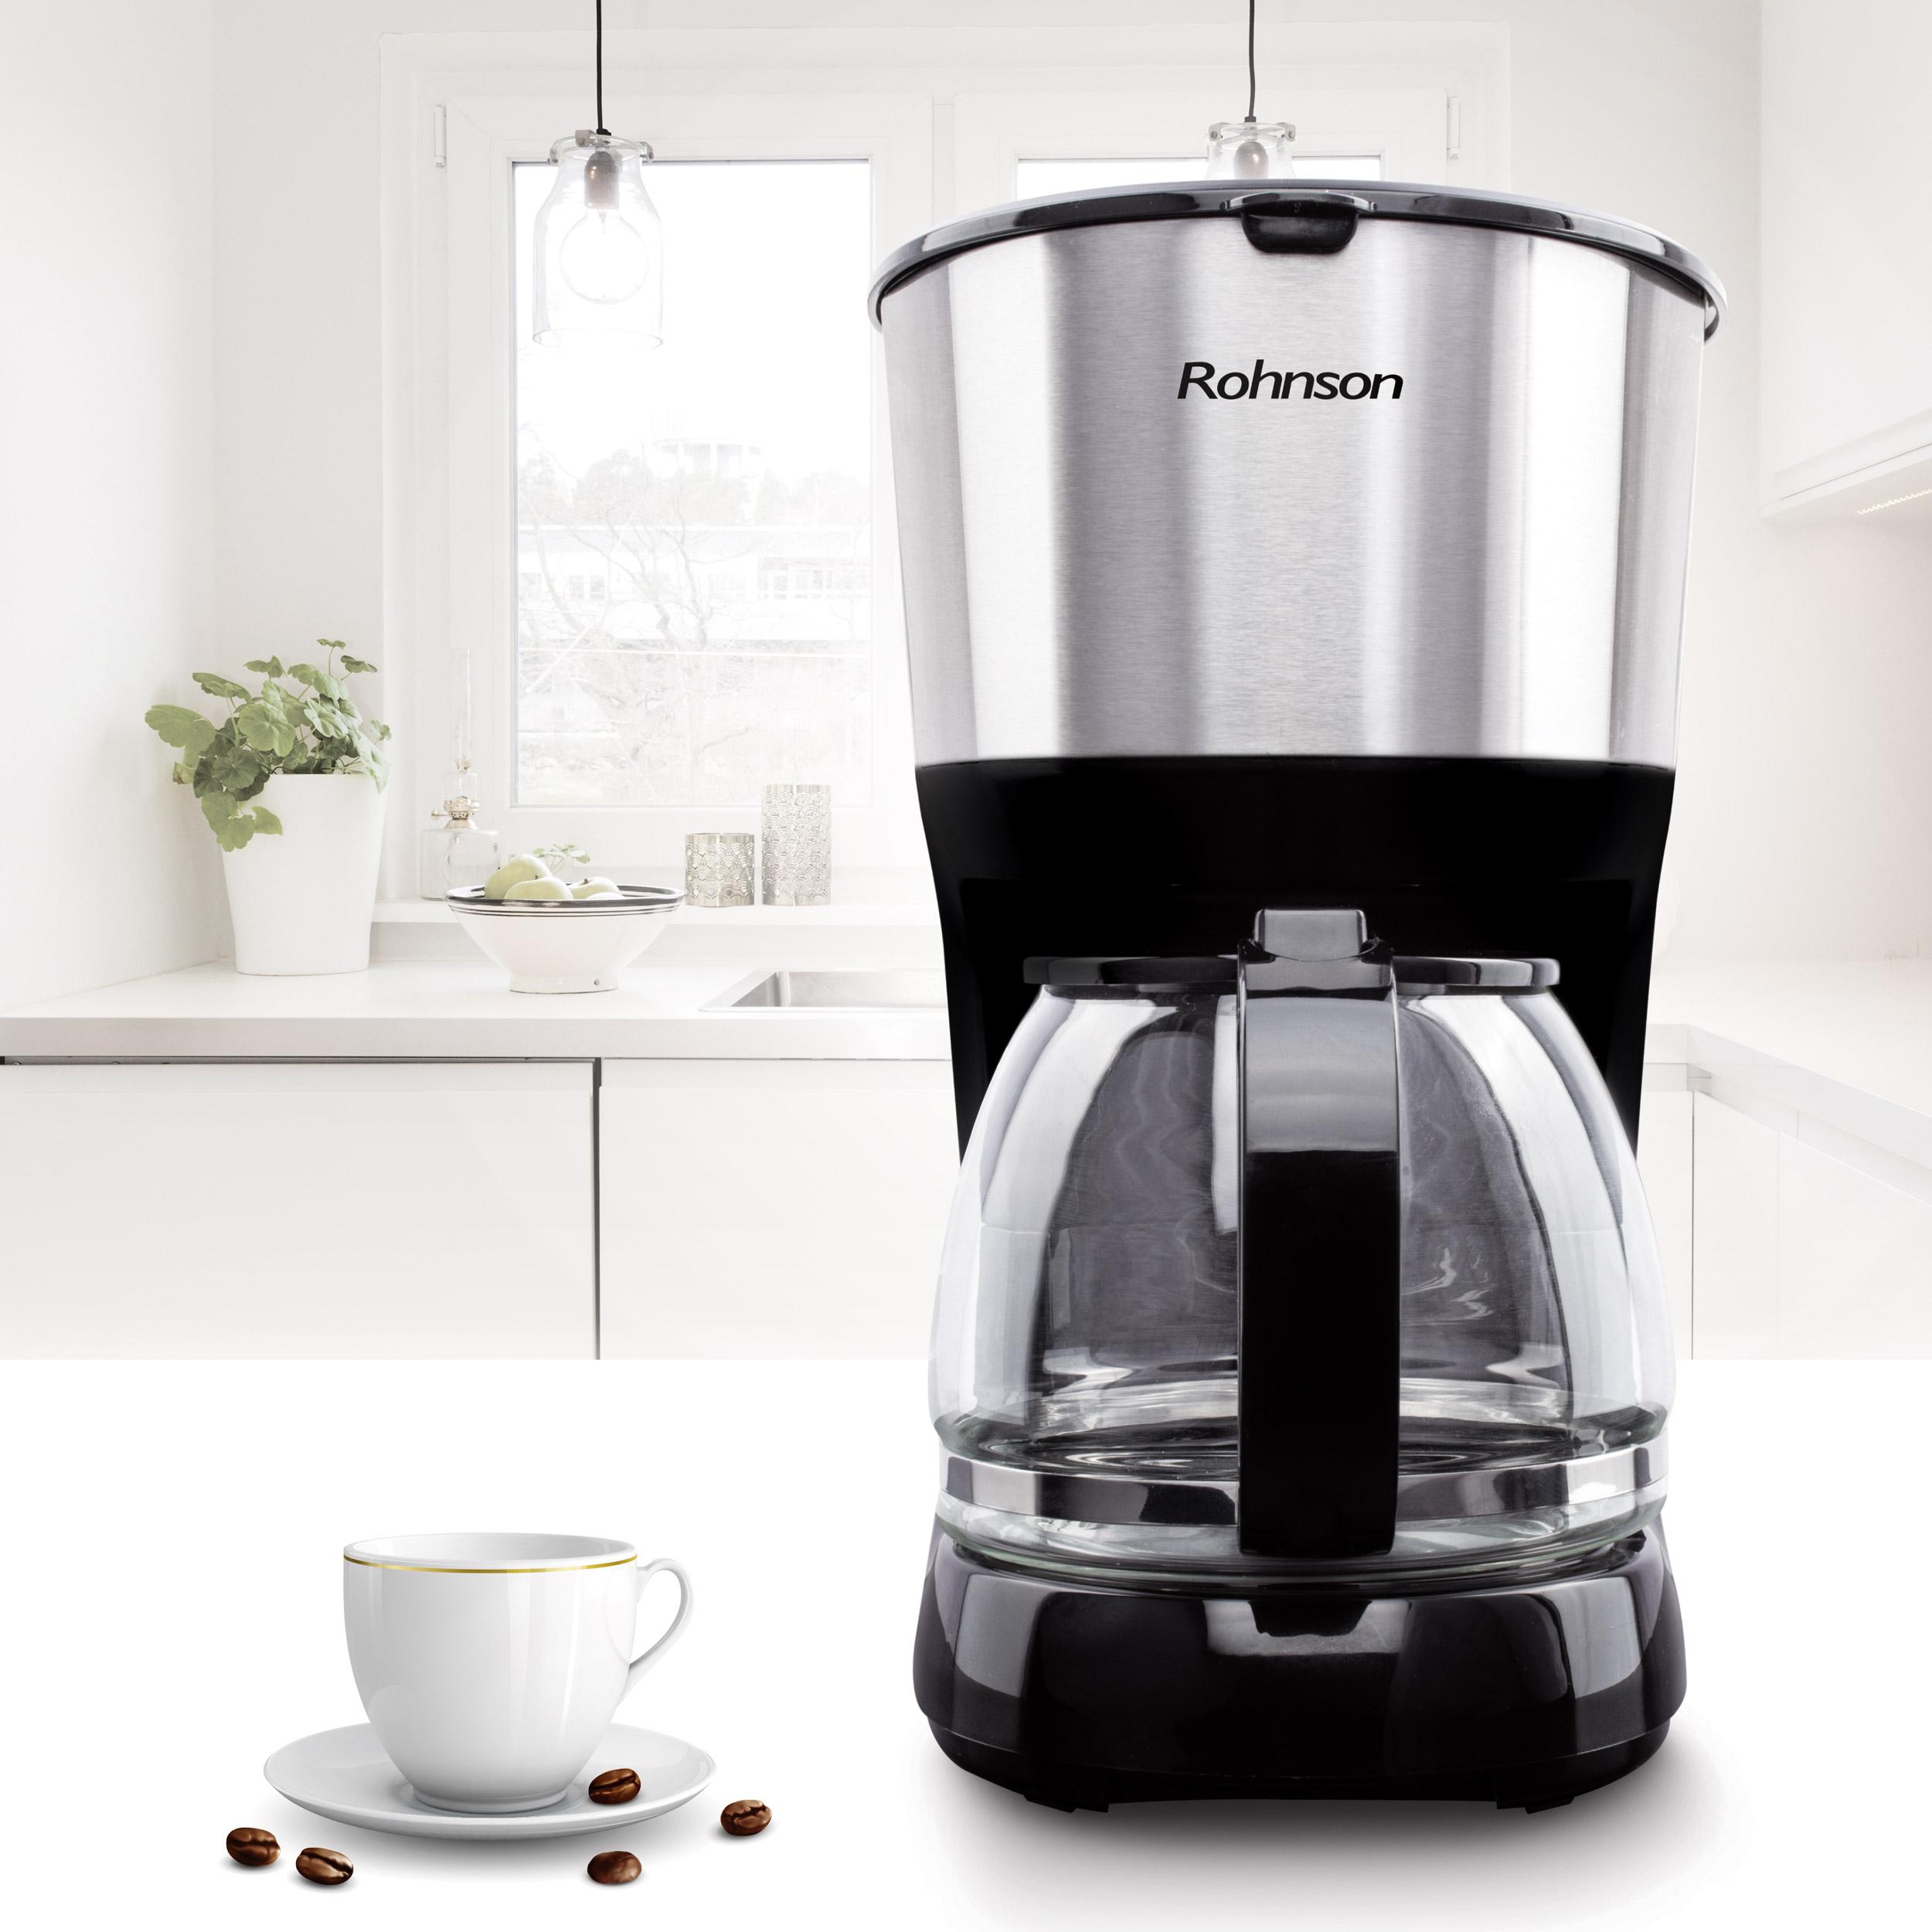 Покупка на кафе машина - какво трбва да знаем